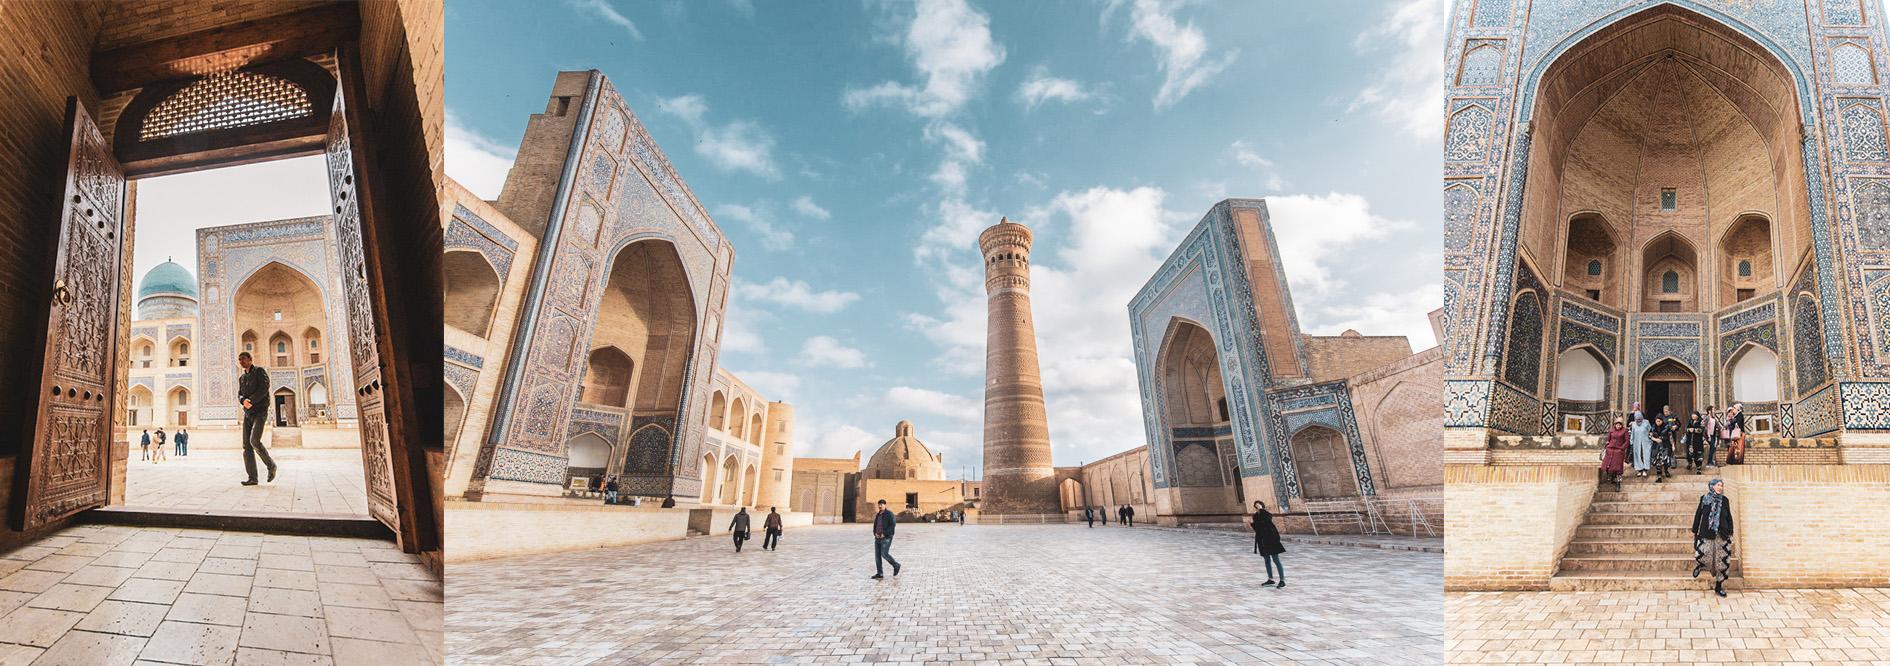 alessandro-bosio-travel-viaggi-reportage-uzbekistan-2020-bukhara-poi-kalyan